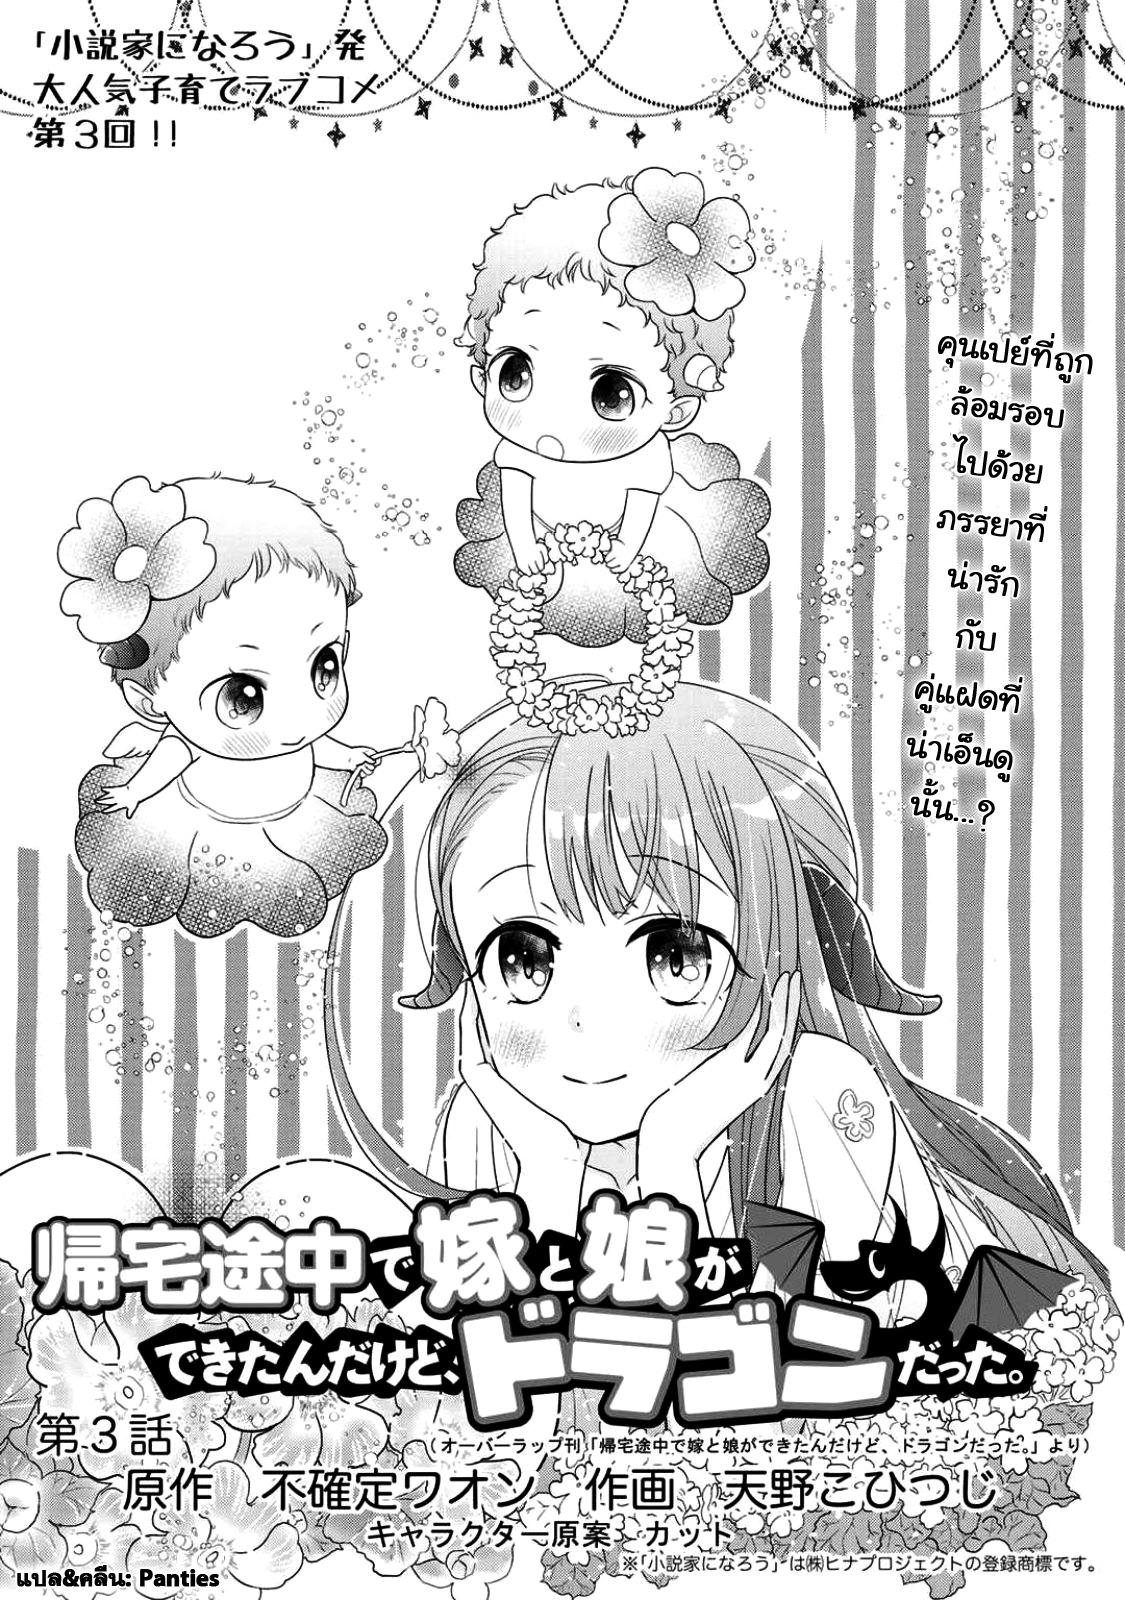 Kitaku Tochuu de Yome to Musume ga Dekita n dakedo, Dragon datta.-ตอนที่ 3